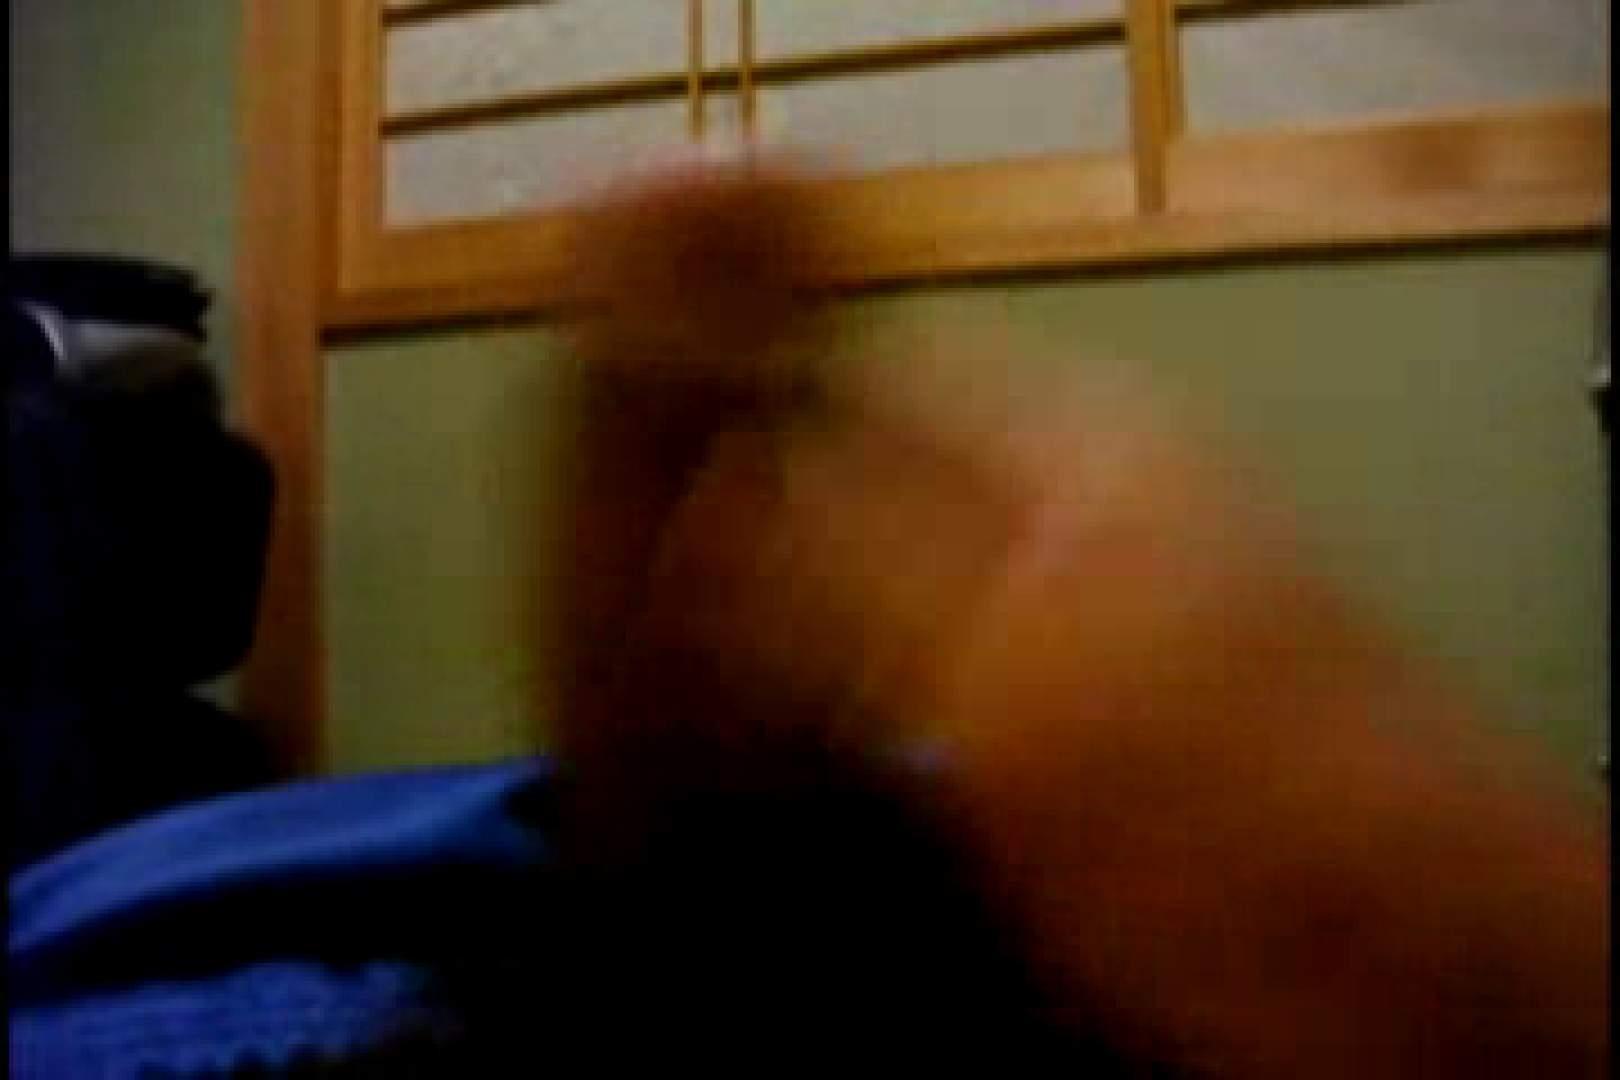 オナ好きノンケテニス部員の自画撮り投稿vol.02 流出  104pic 50